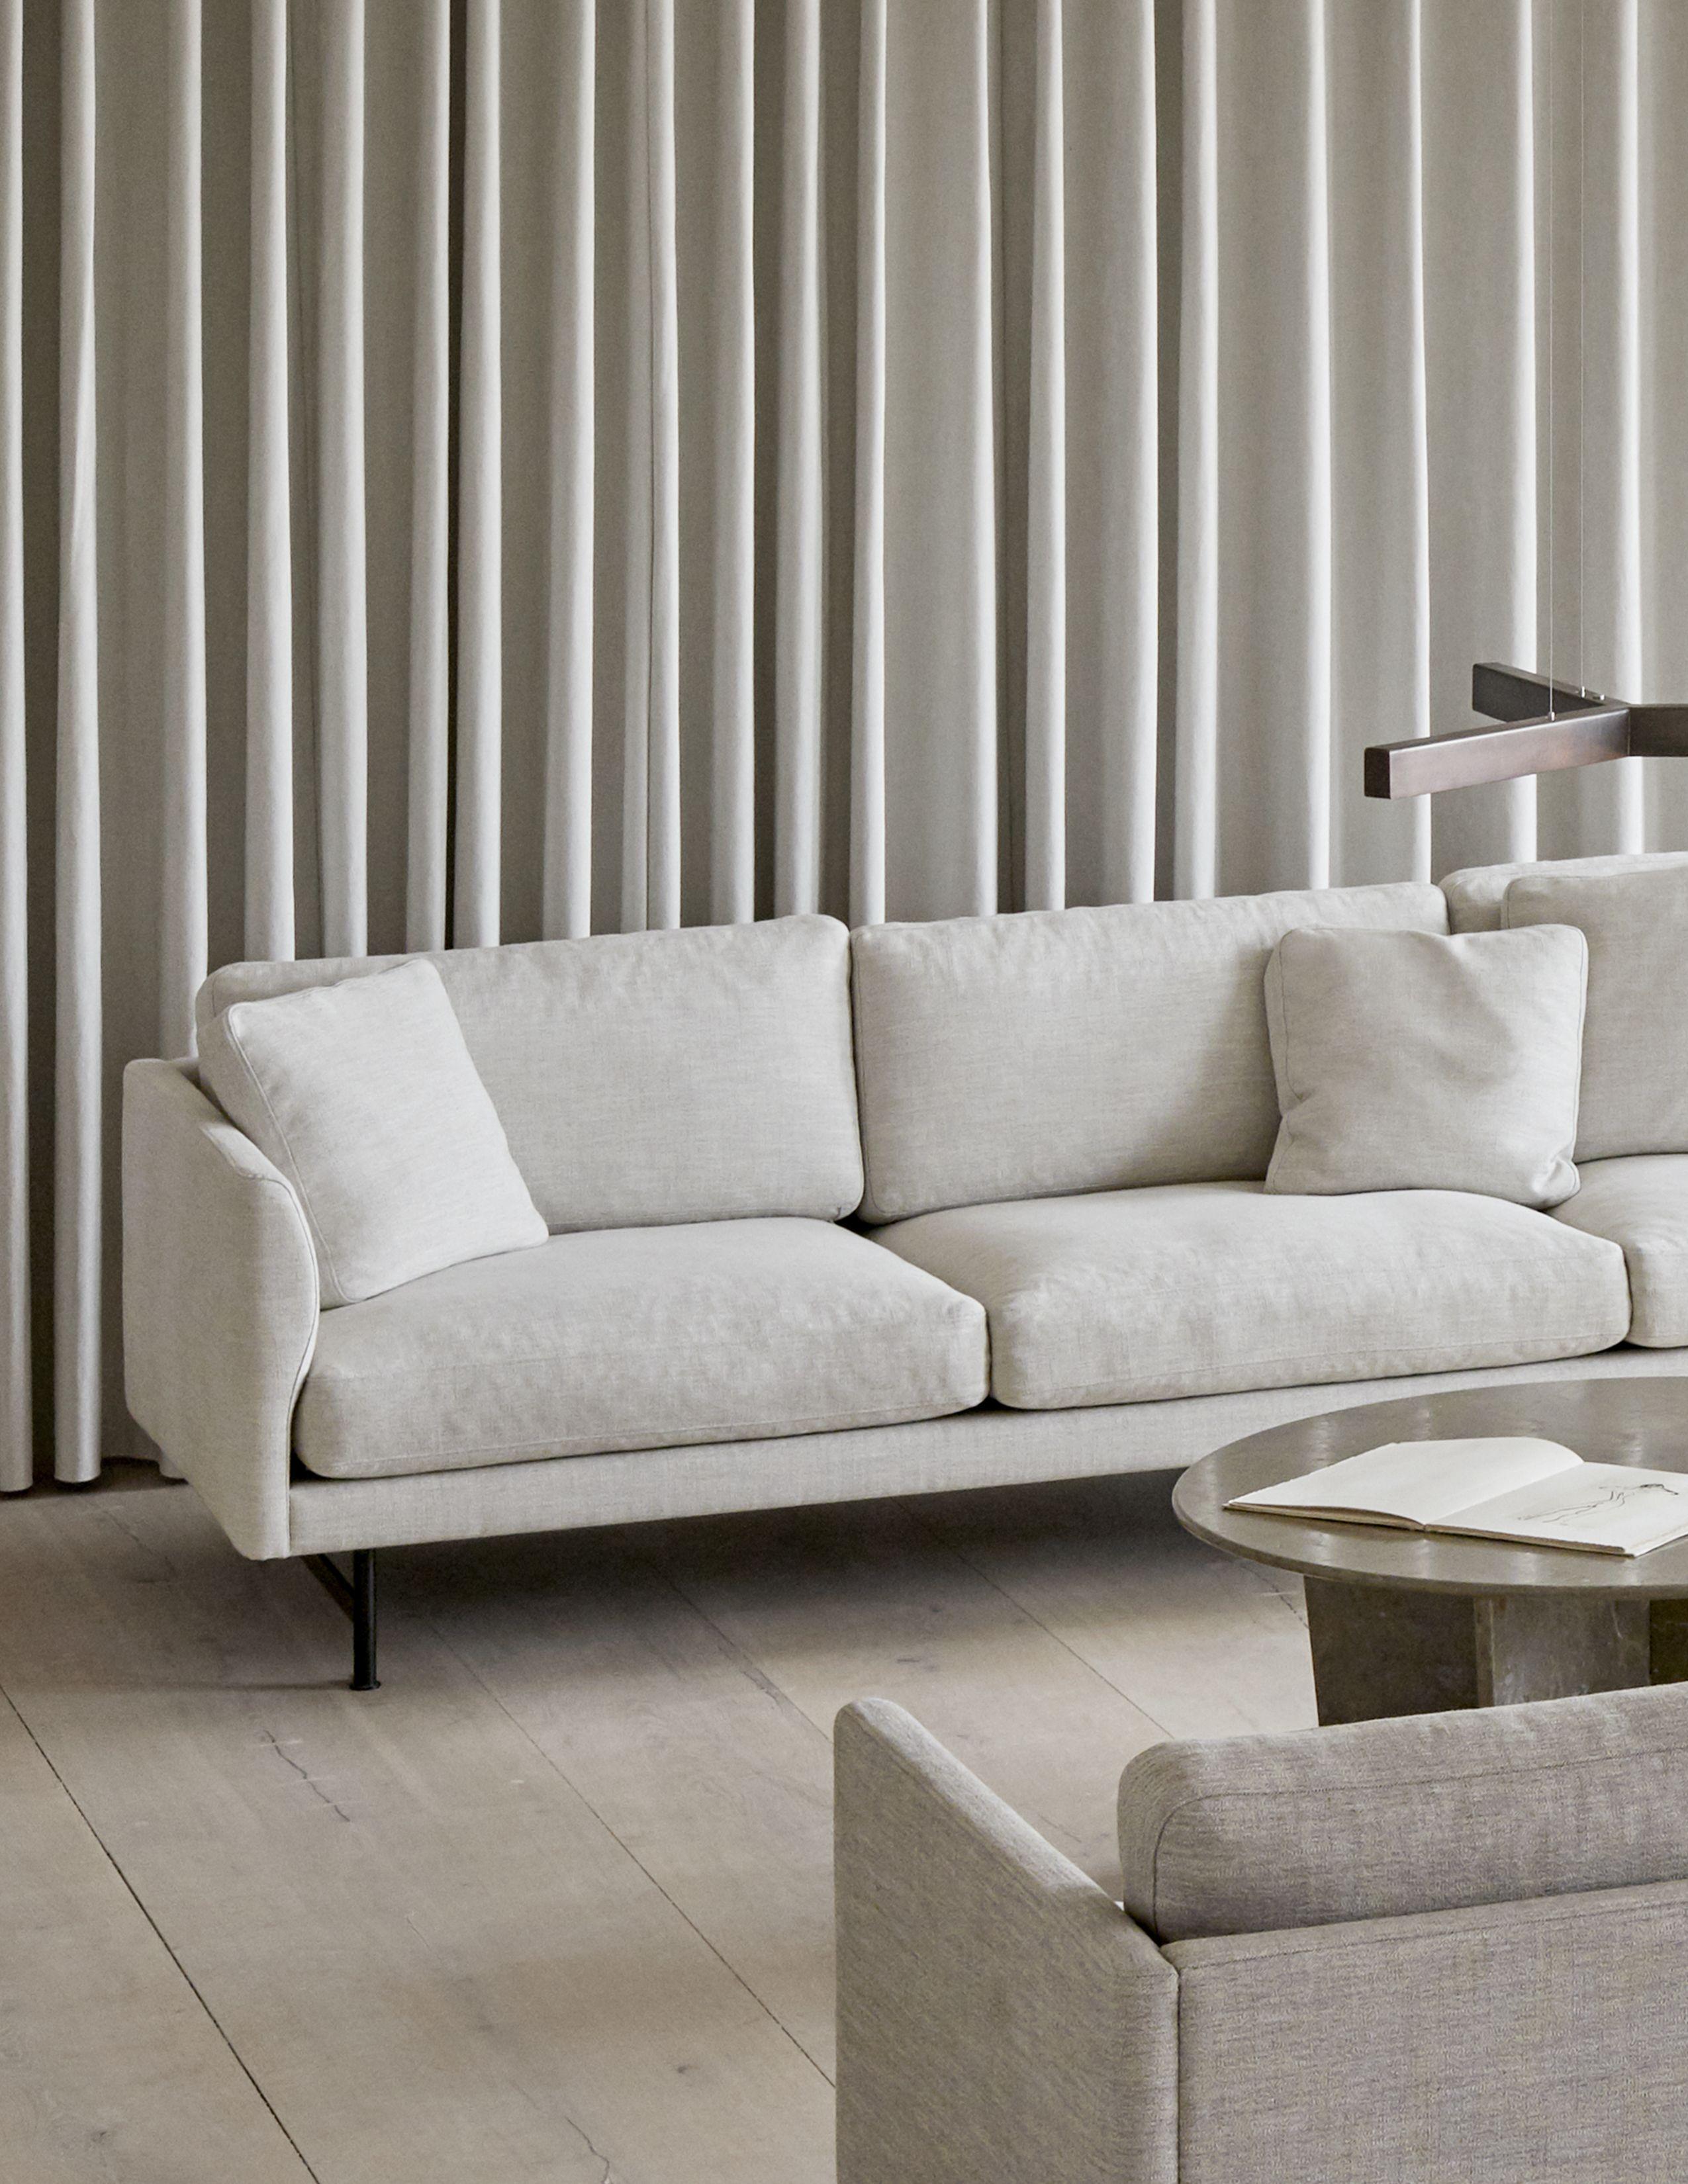 Calmo Sofa By Hugo Passos I Fredericia Furniture In 2020 Fredericia Furniture Furniture Design Modern Furniture Design